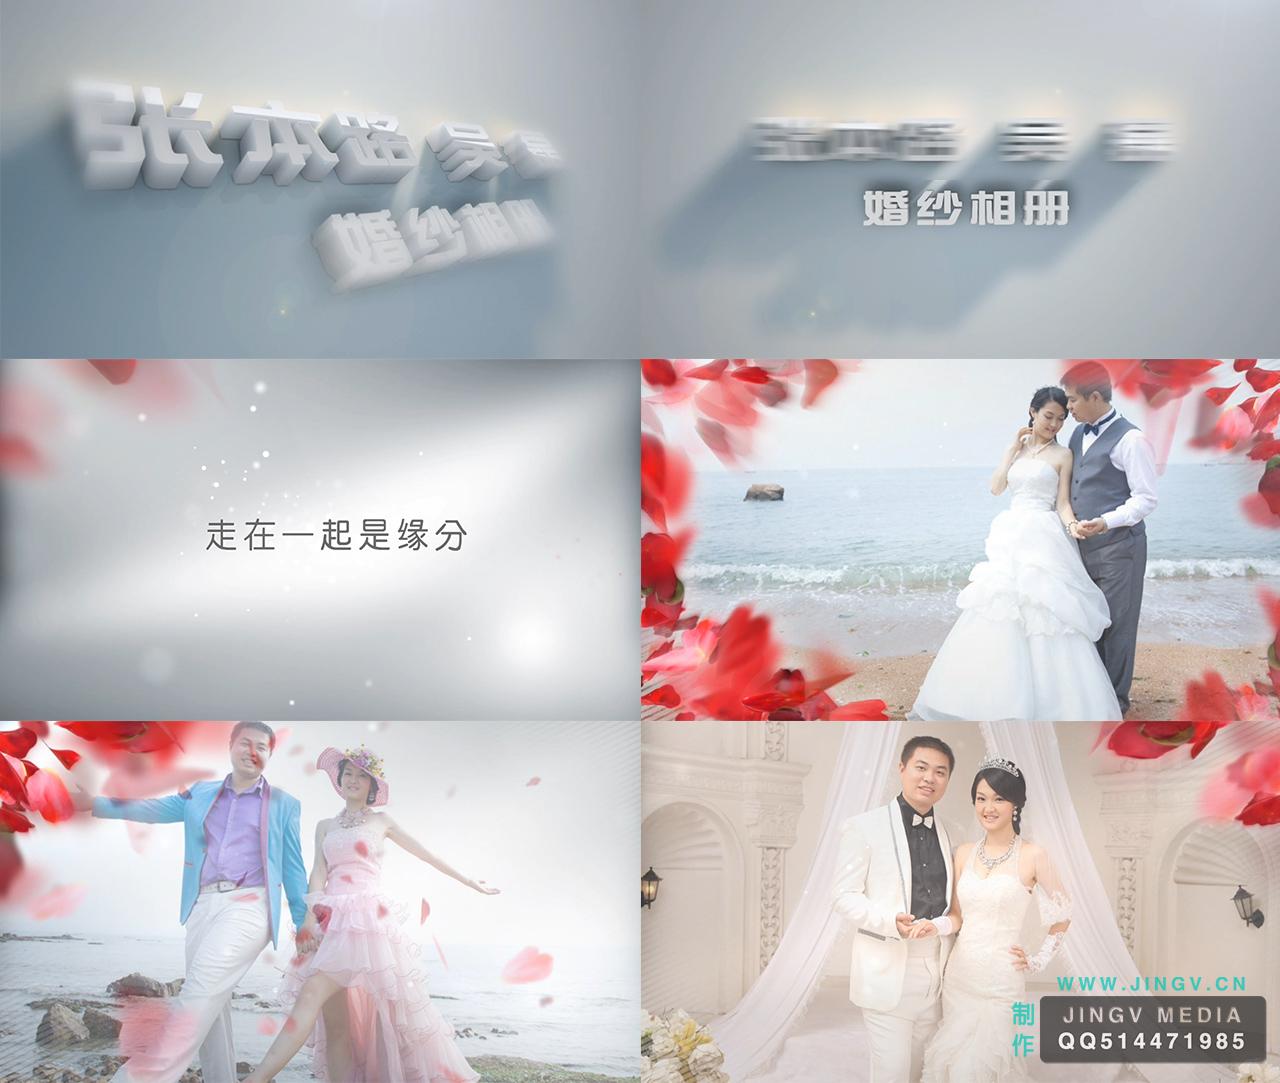 婚纱电子相册 婚礼视频制作 婚庆片头 结婚视频